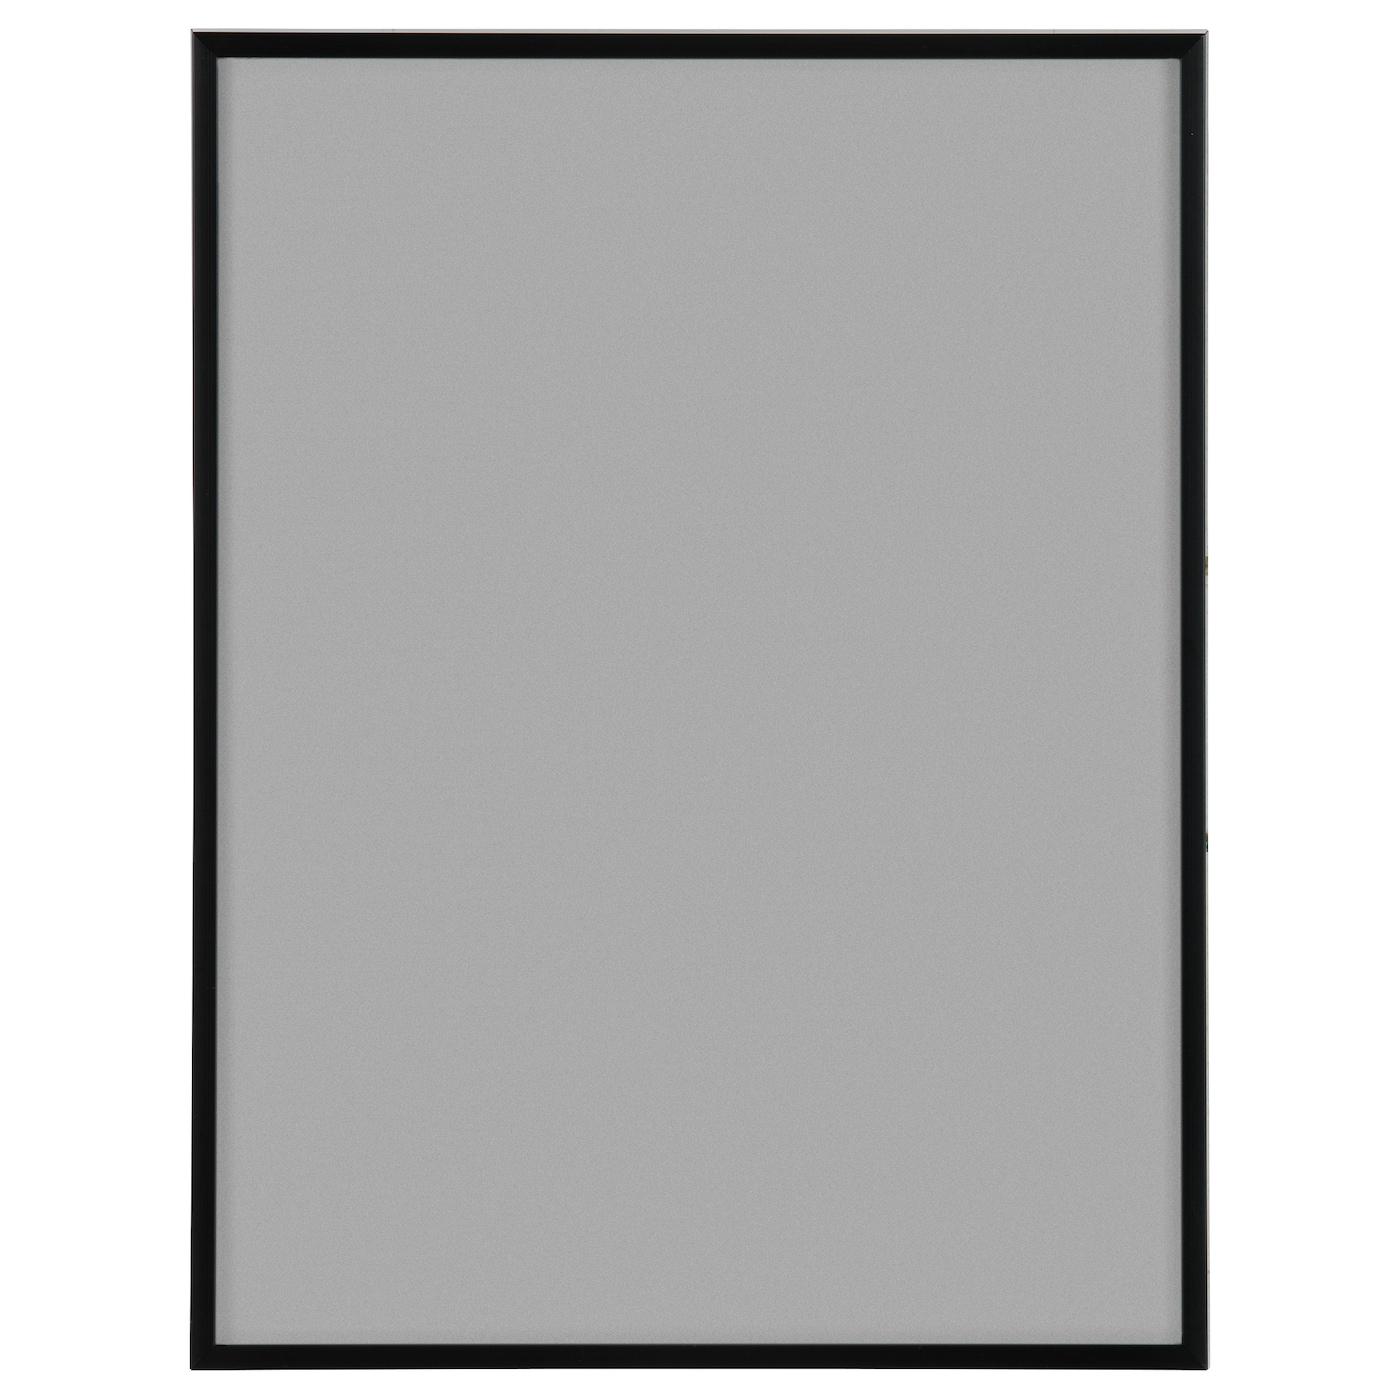 str mby frame black 30x40 cm ikea. Black Bedroom Furniture Sets. Home Design Ideas